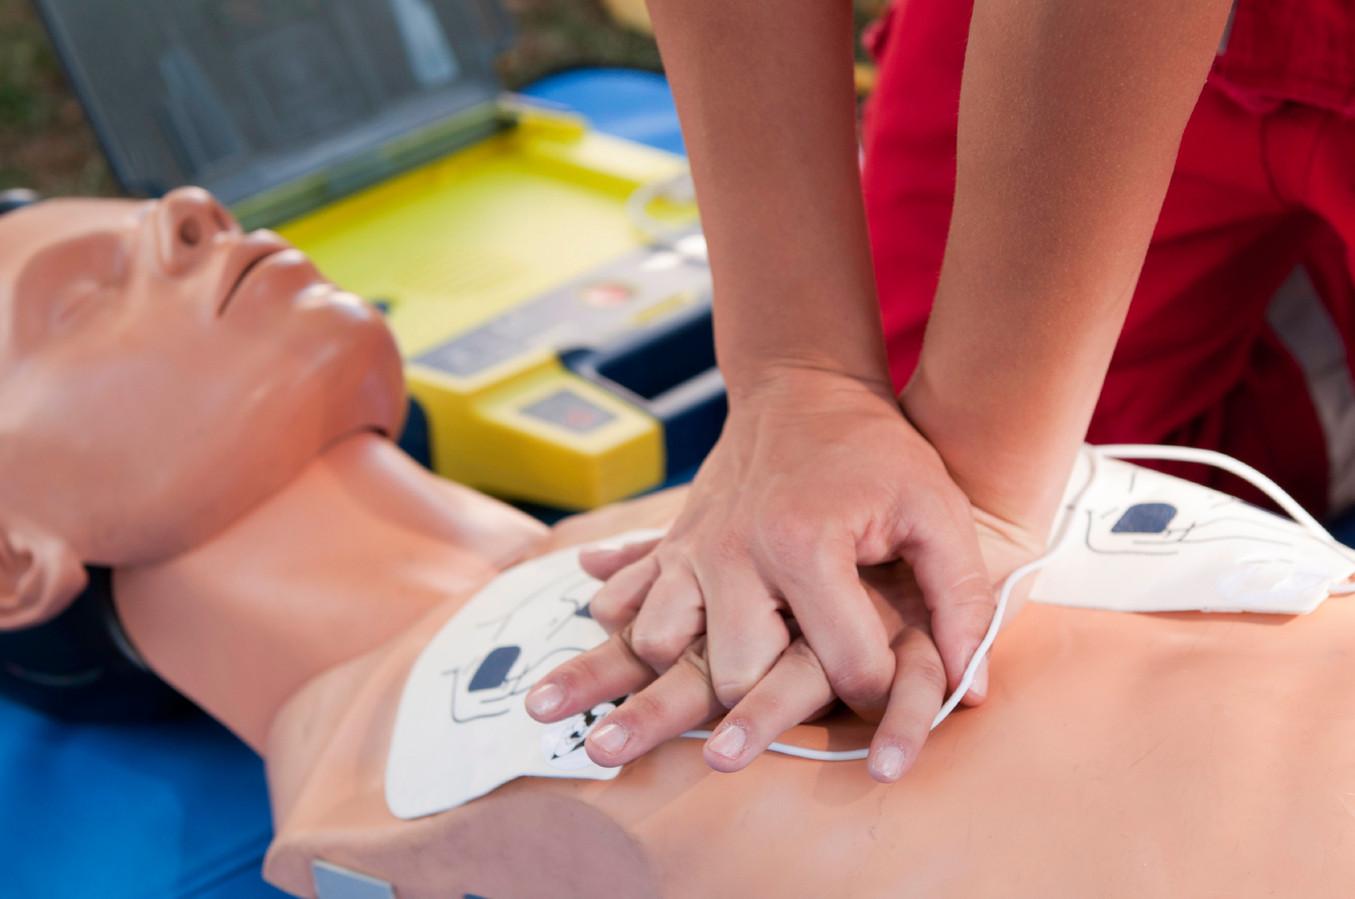 Oefenen met de defibrillator-procedure op een dummy.